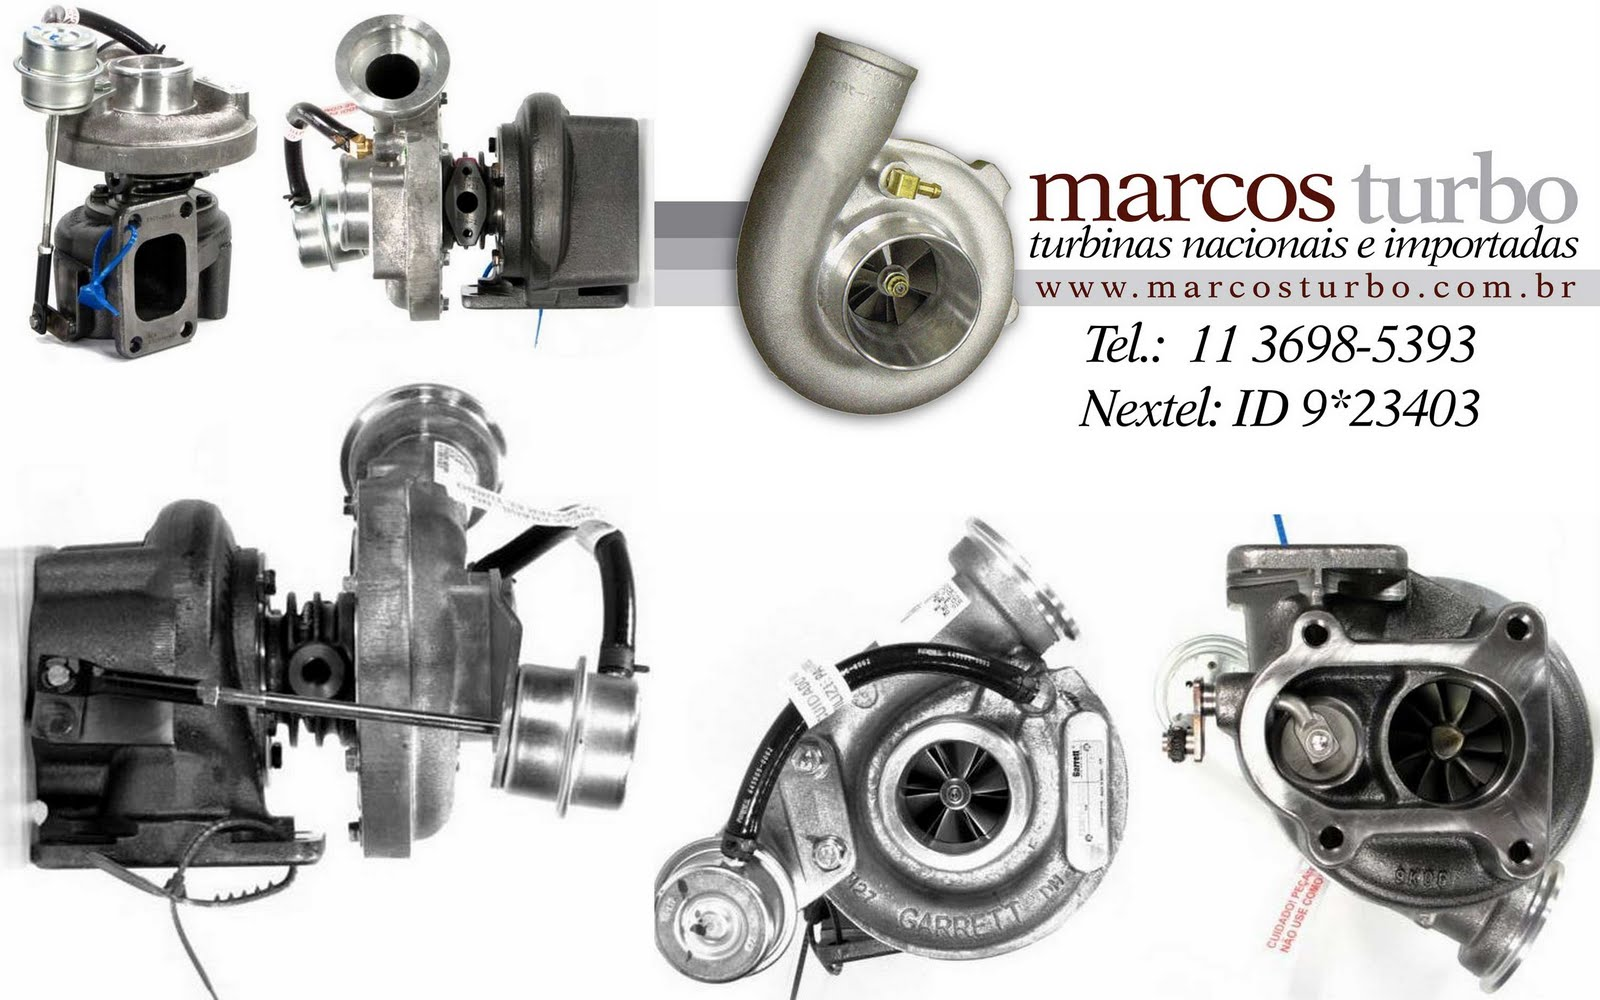 Marcos Turbo Turbinas Turbos Rcosturbo